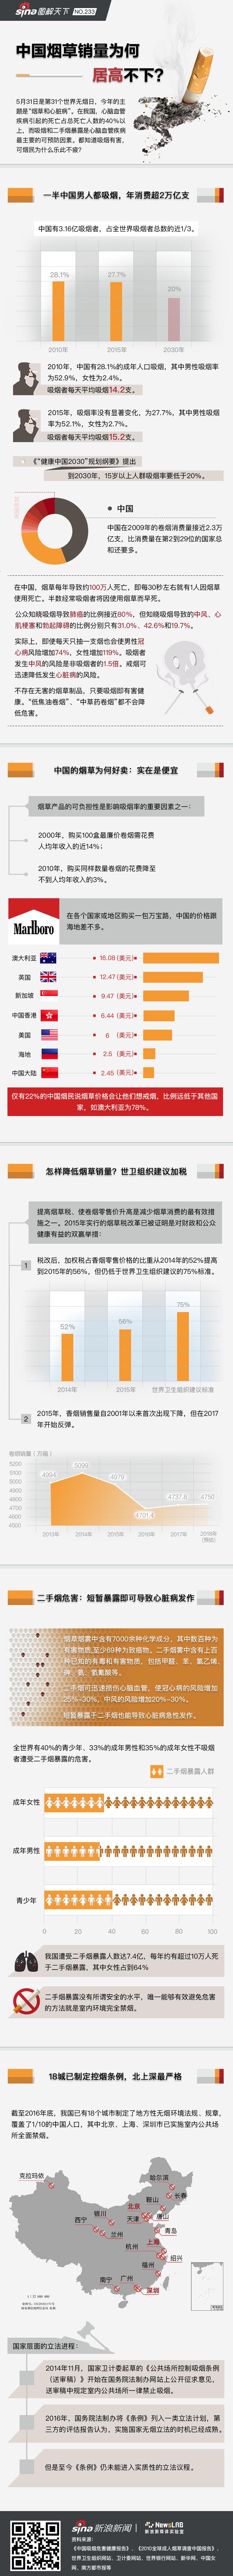 世界无烟日:中国烟草销量为何居高不下?